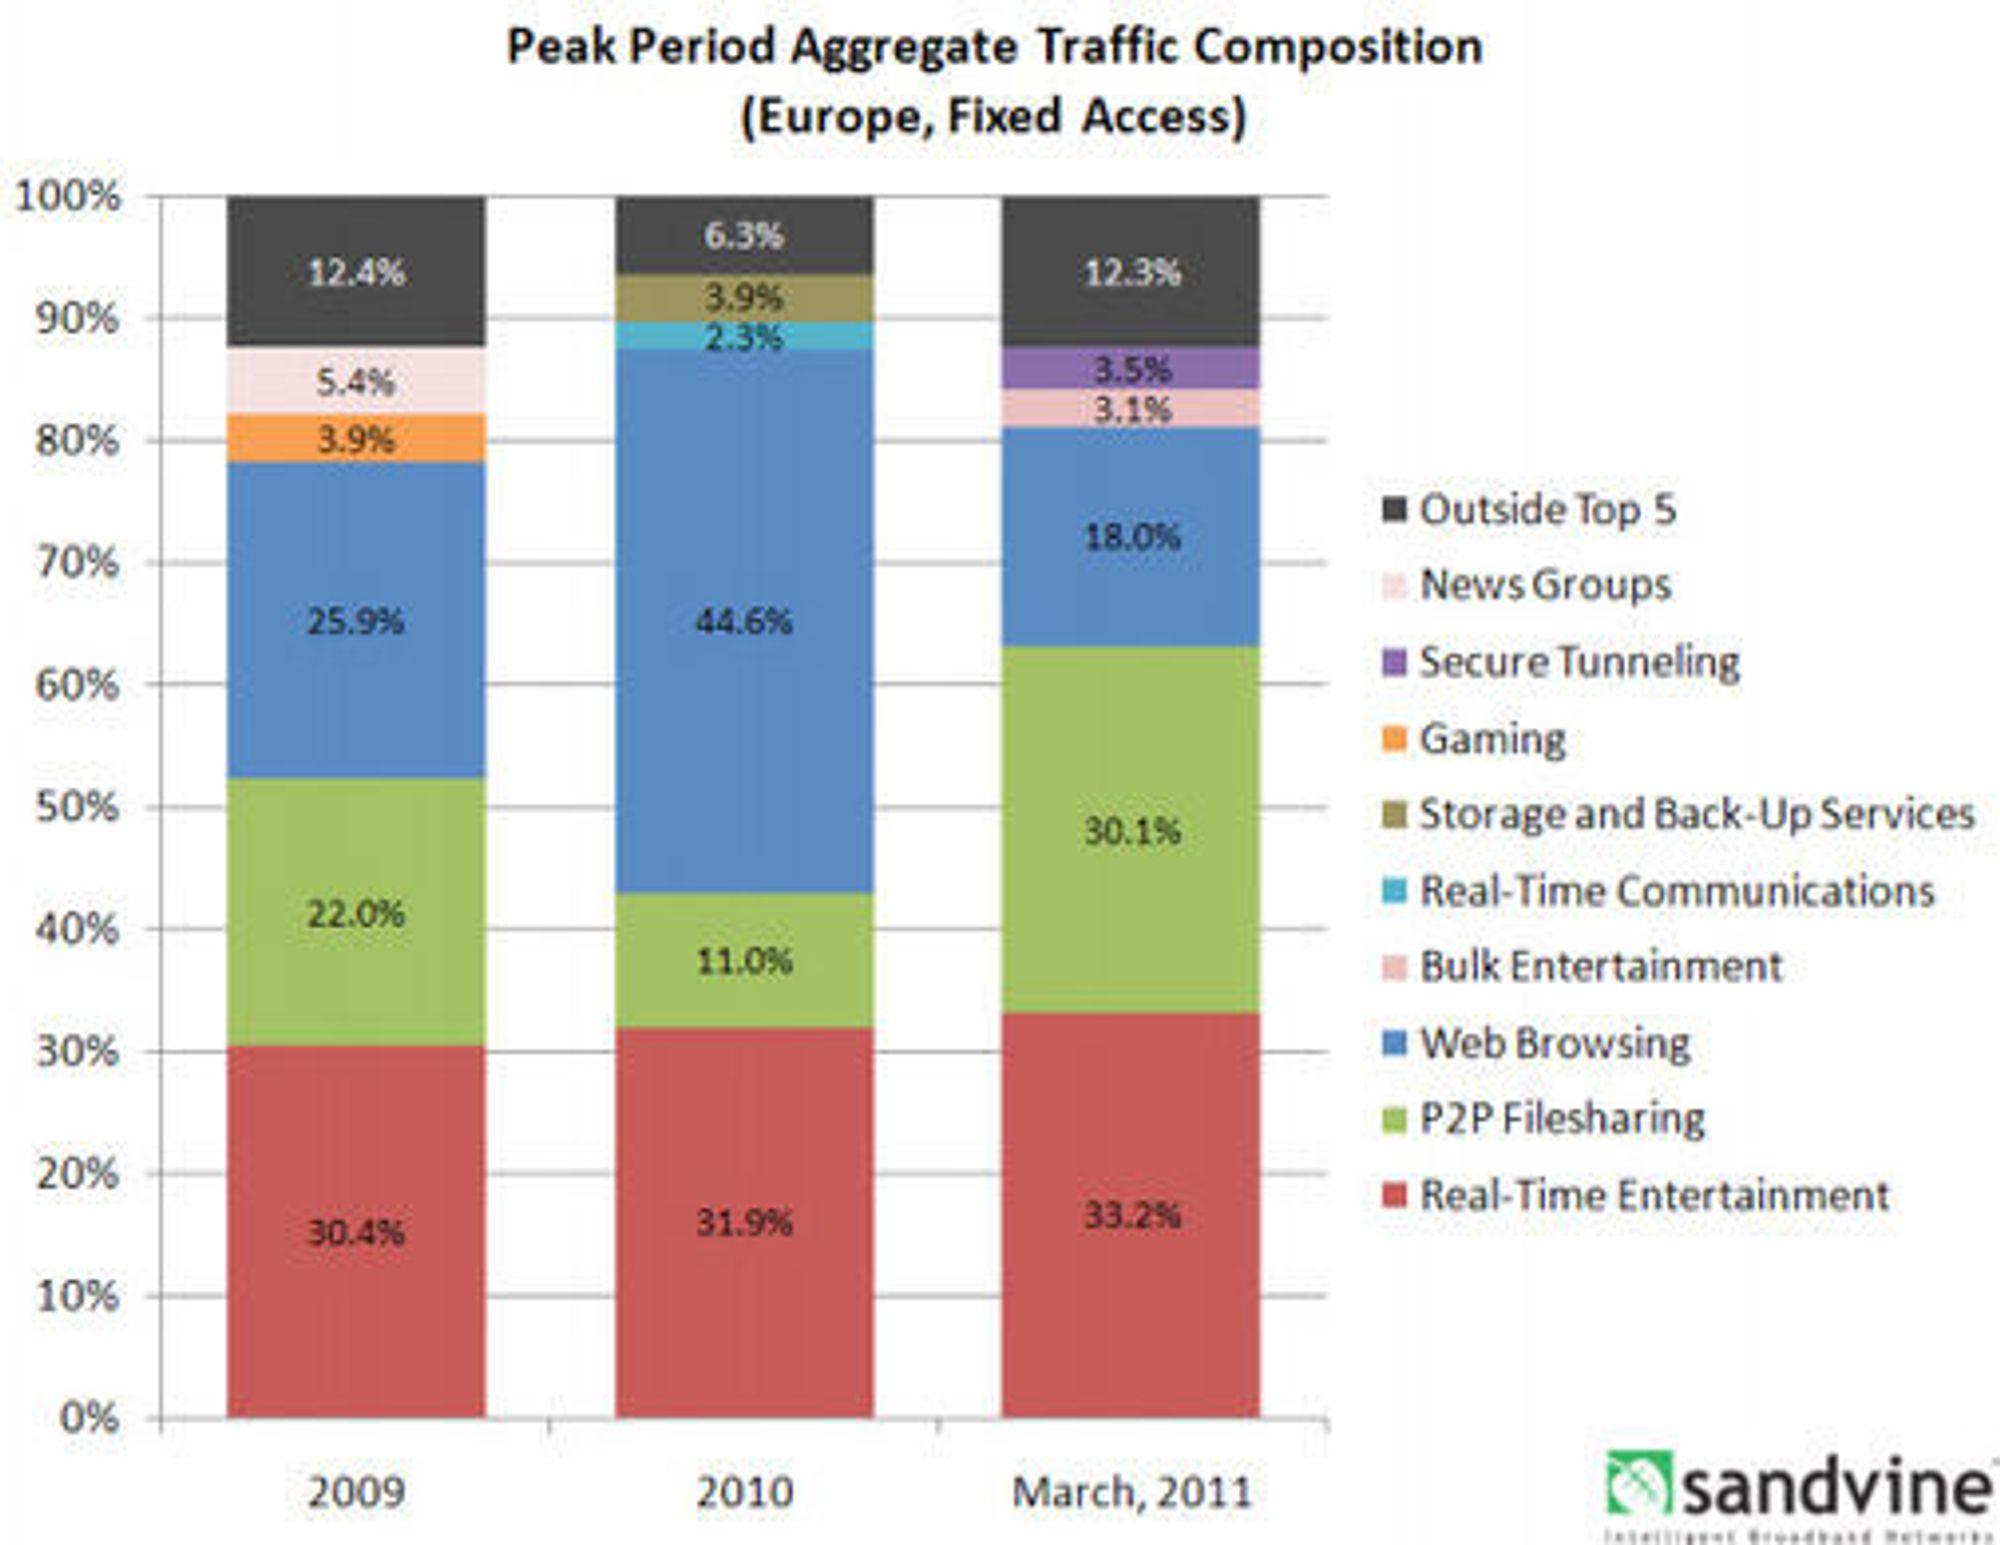 Internett-trafikken over fast bredbånd hos europeiske leverandører, fordelt på tjenestekategorier.